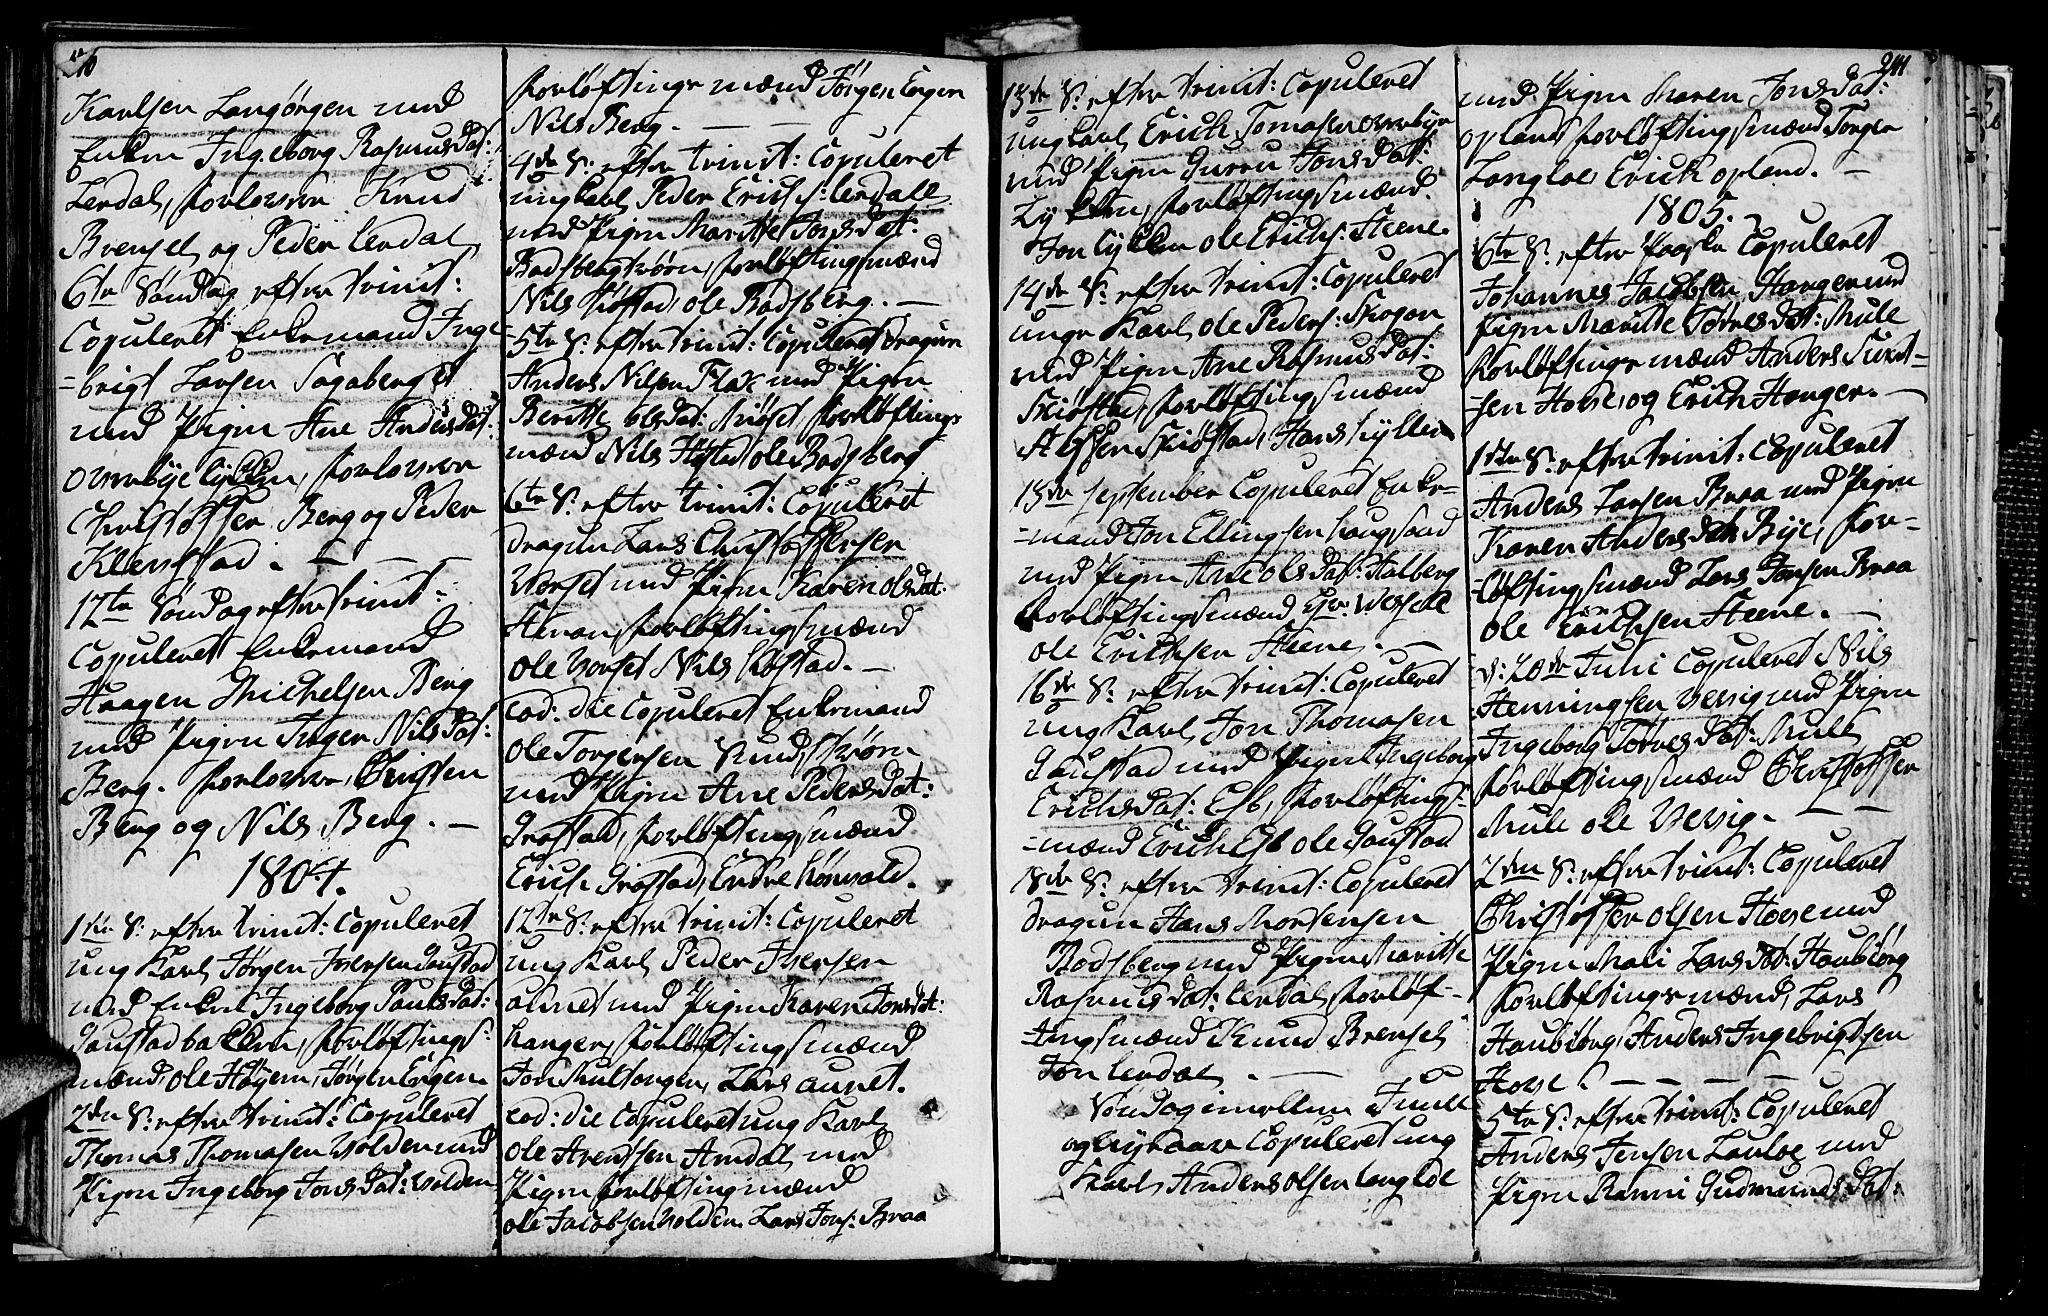 SAT, Ministerialprotokoller, klokkerbøker og fødselsregistre - Sør-Trøndelag, 612/L0371: Ministerialbok nr. 612A05, 1803-1816, s. 240-241